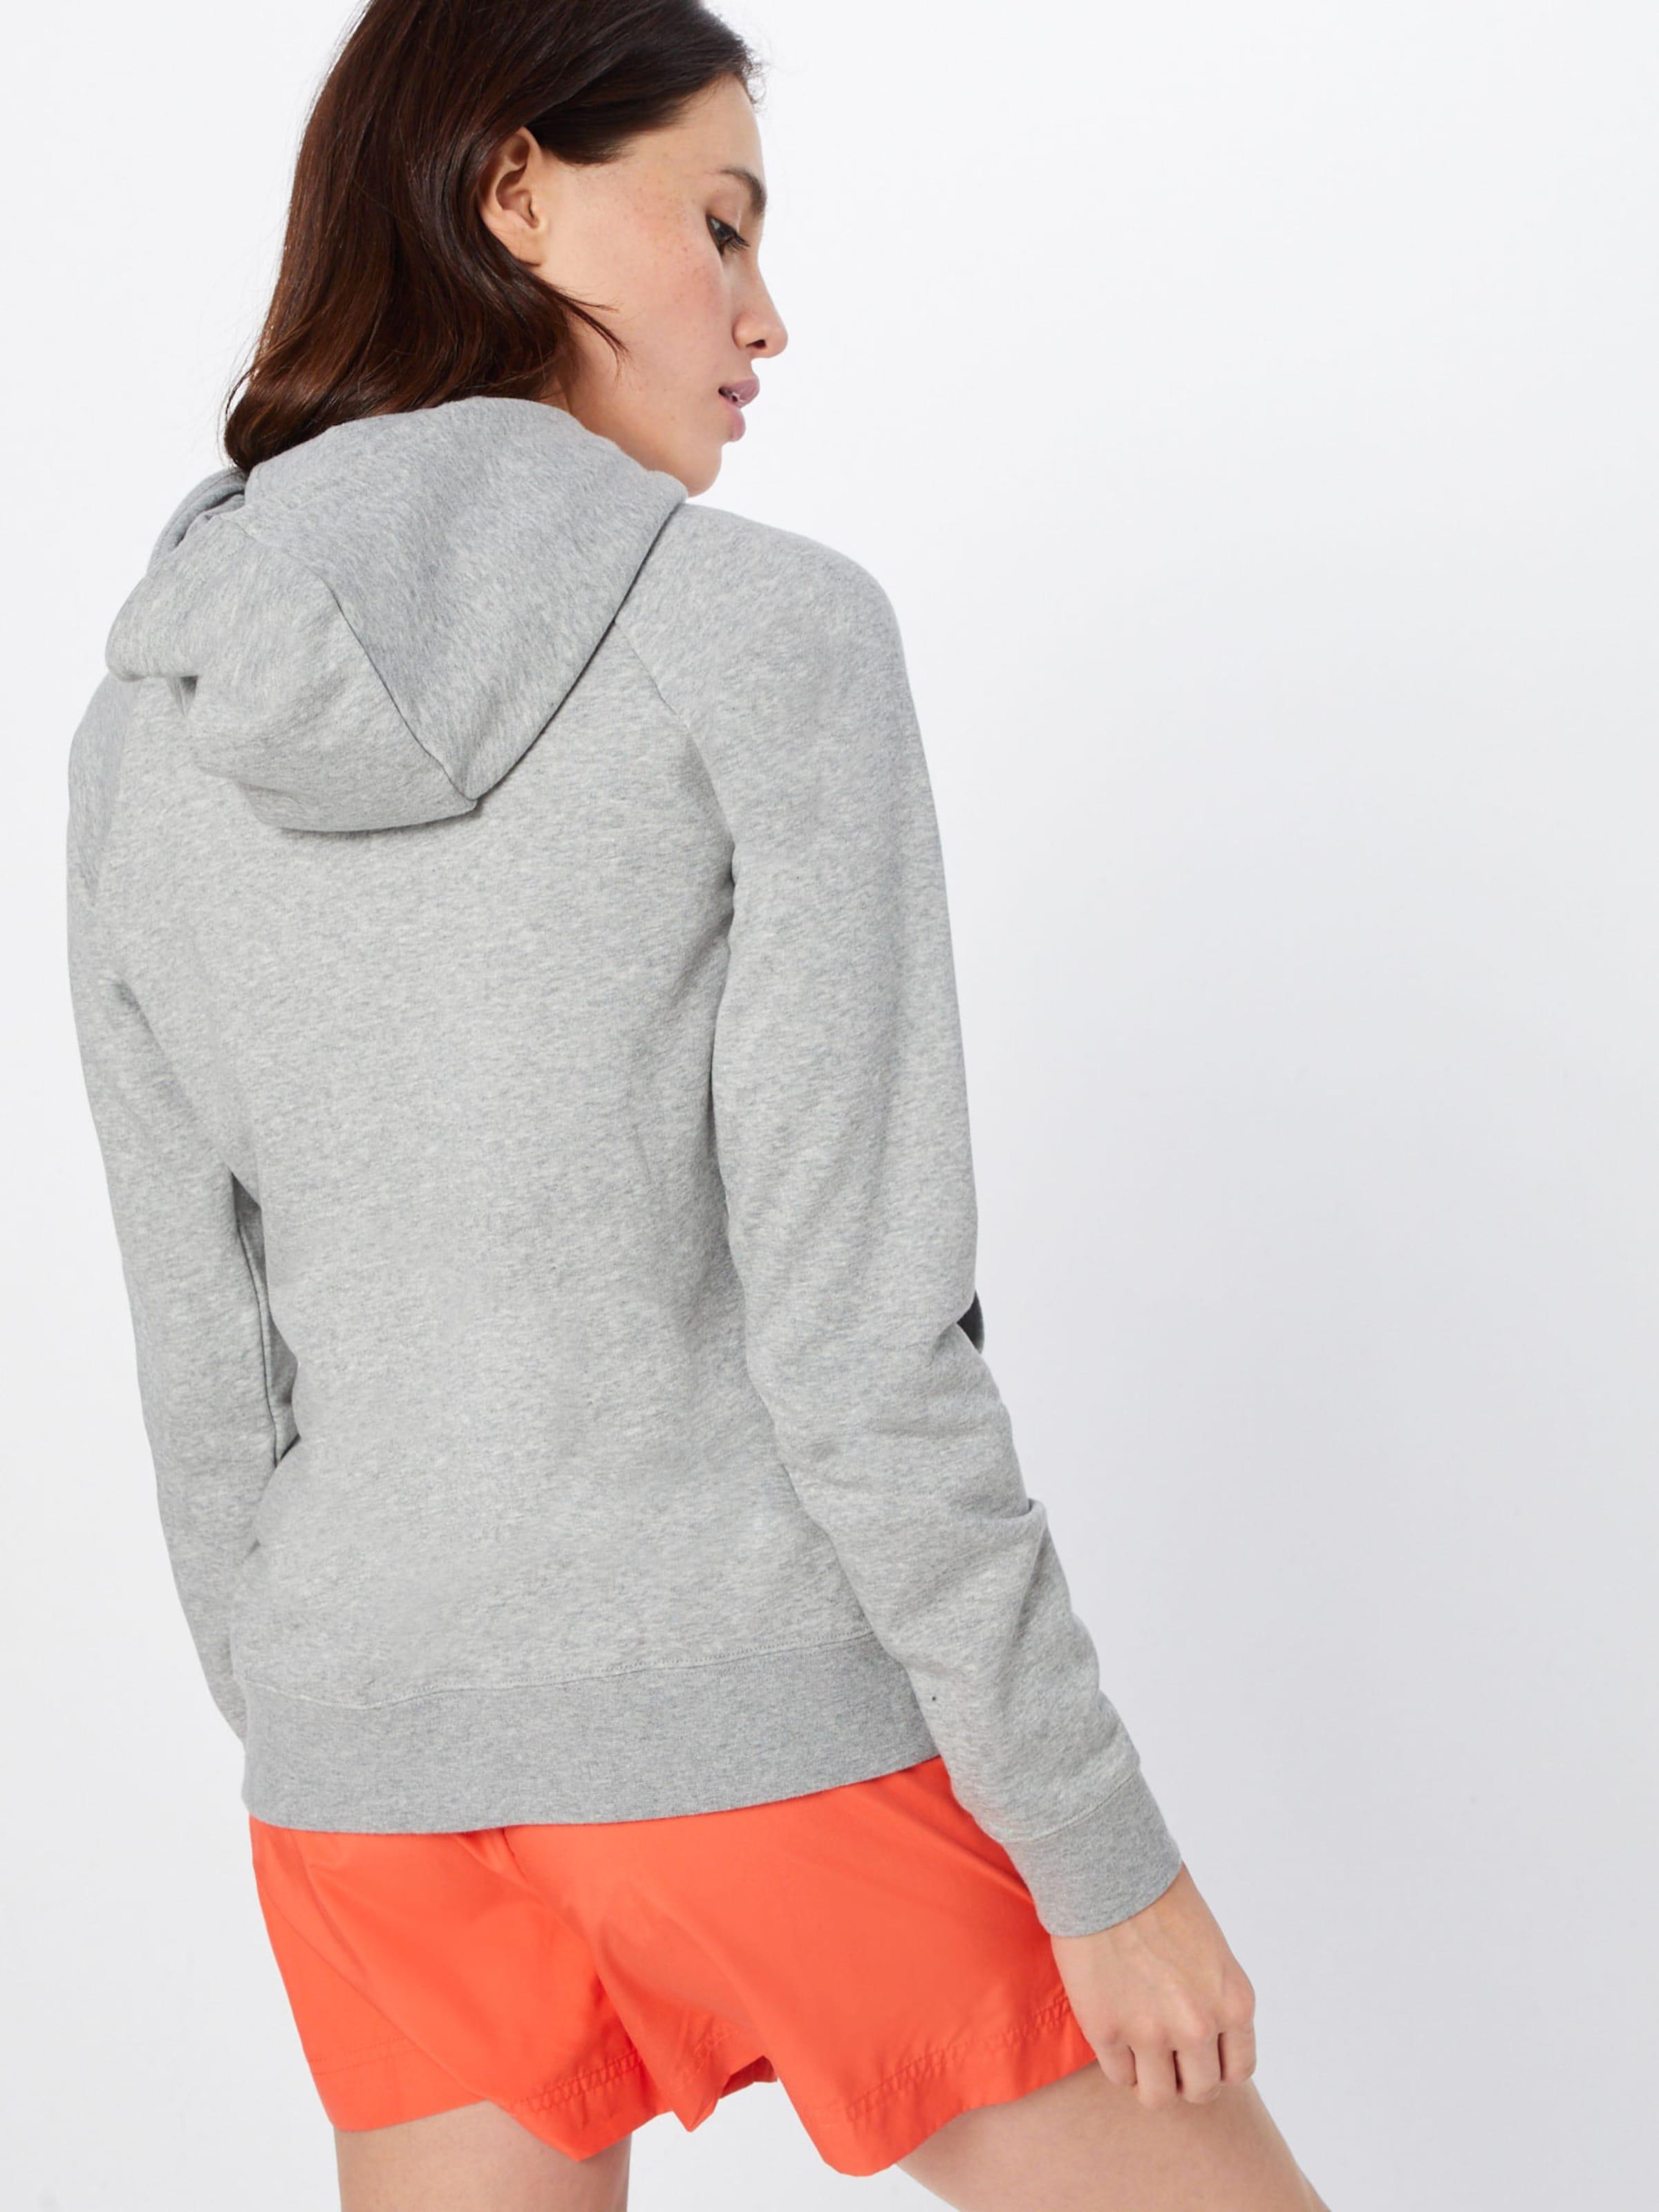 Veste Nike Sportswear 'essntl' Gris De En Survêtement mnv8Nw0